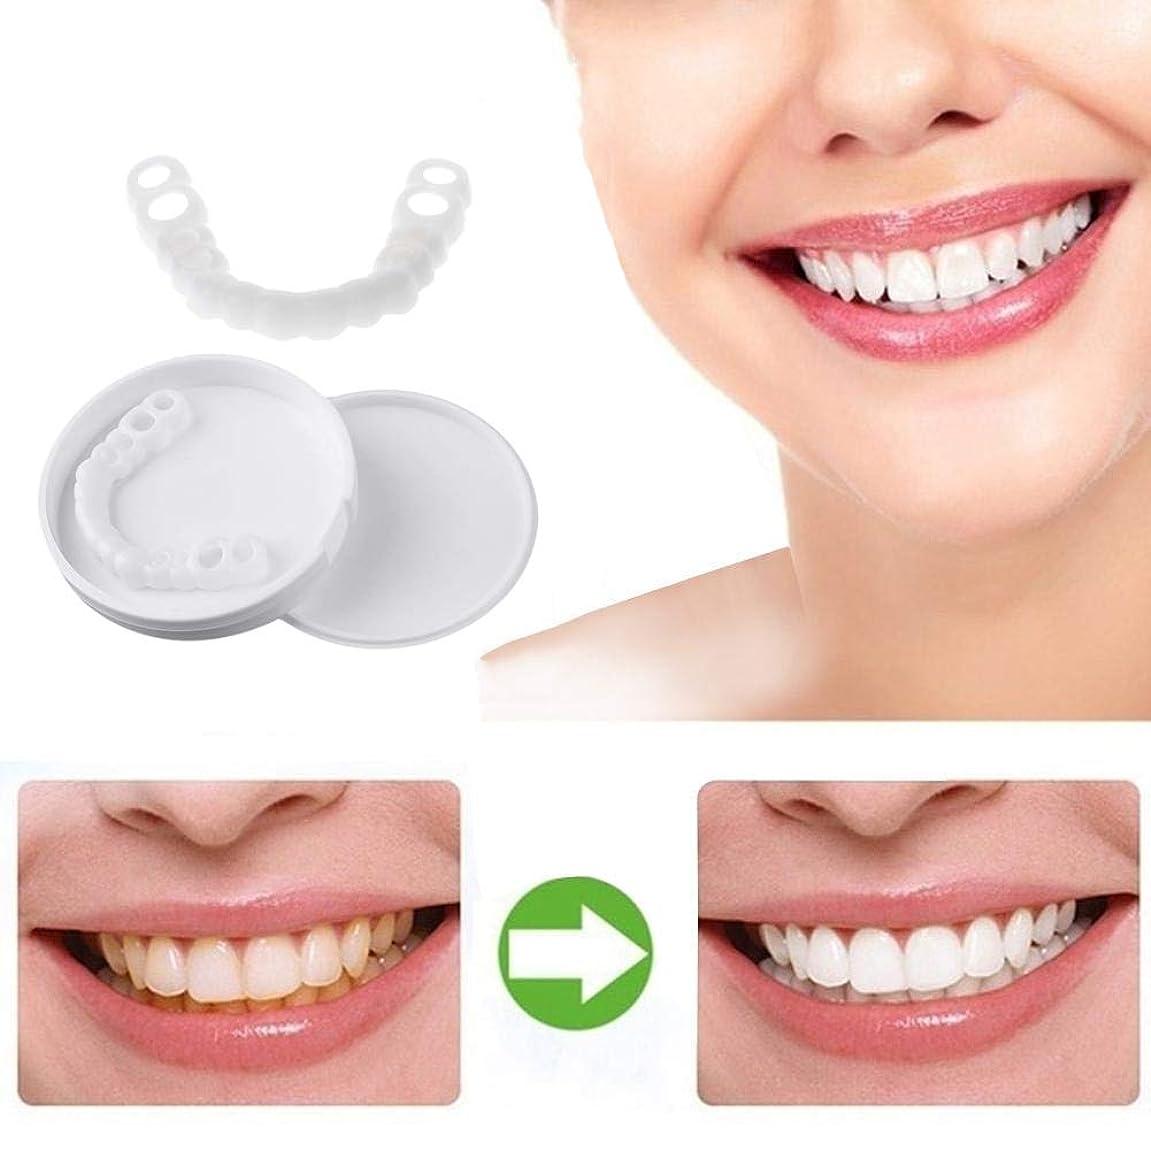 呼び起こすベット耐えるキットの歯セットスナップキャップをインスタント快適なフレックスパーフェクトベニヤホワイトを白くする12個下歯+ Upperteeth笑顔ベニヤ